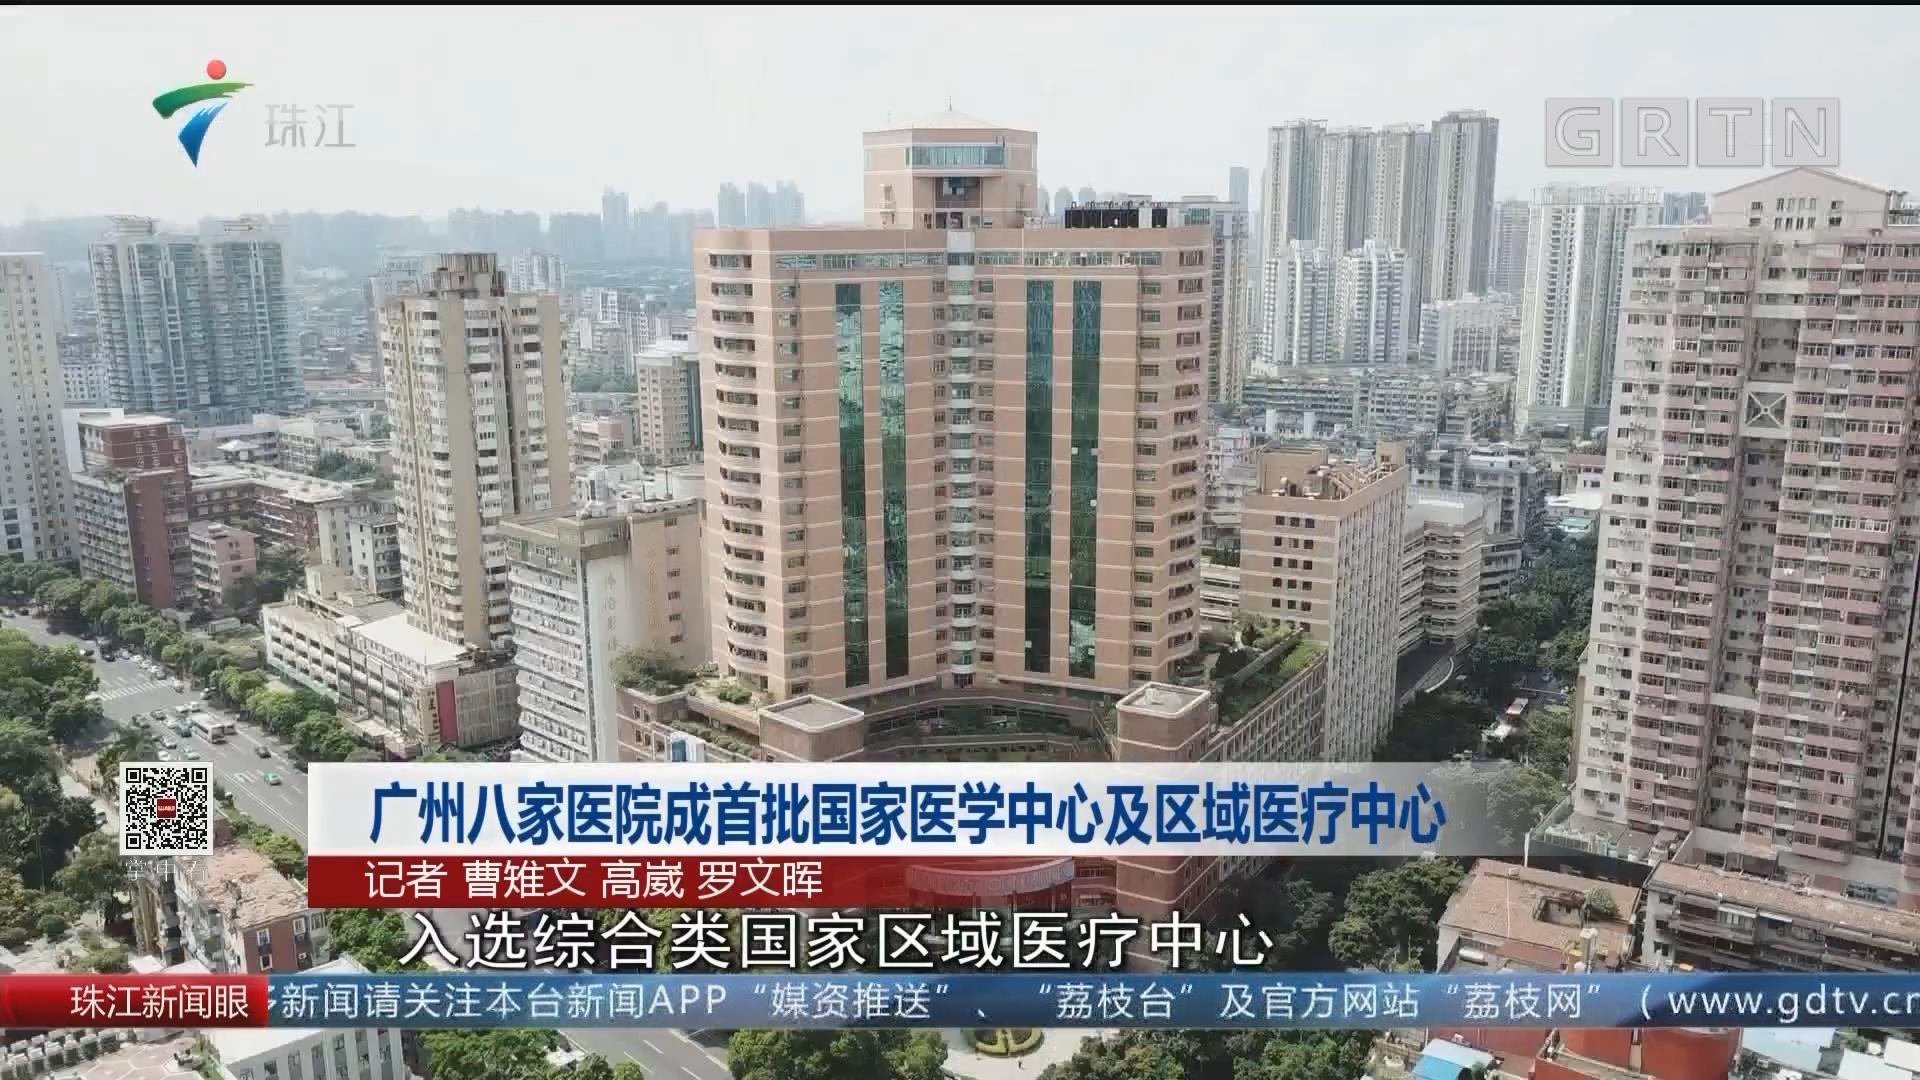 广州八家医院成首批国际医学中心及区域医疗中心